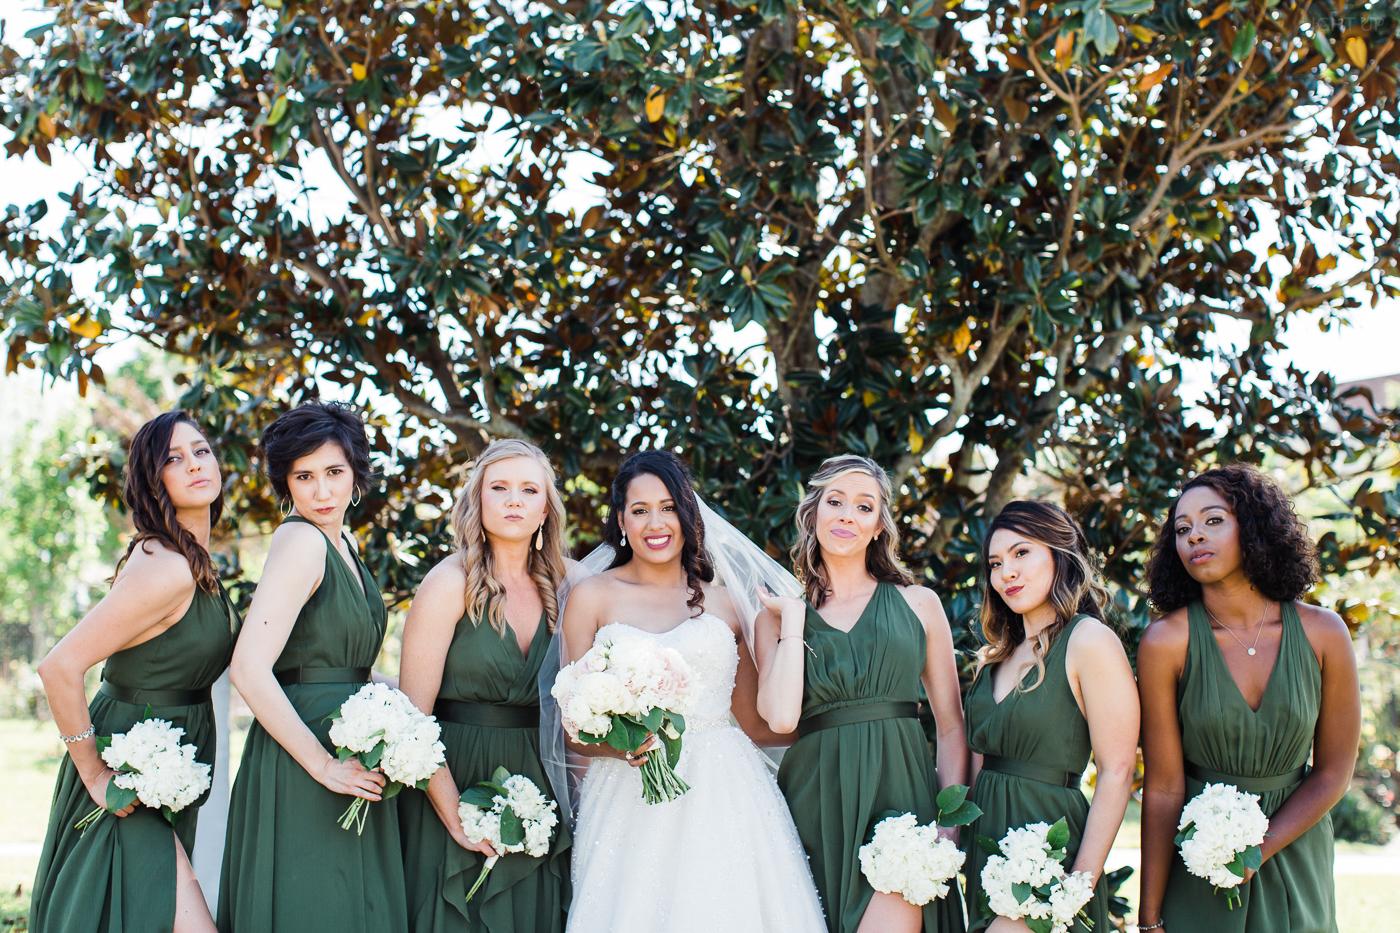 lake mirror wedding in lakeland-5.jpg